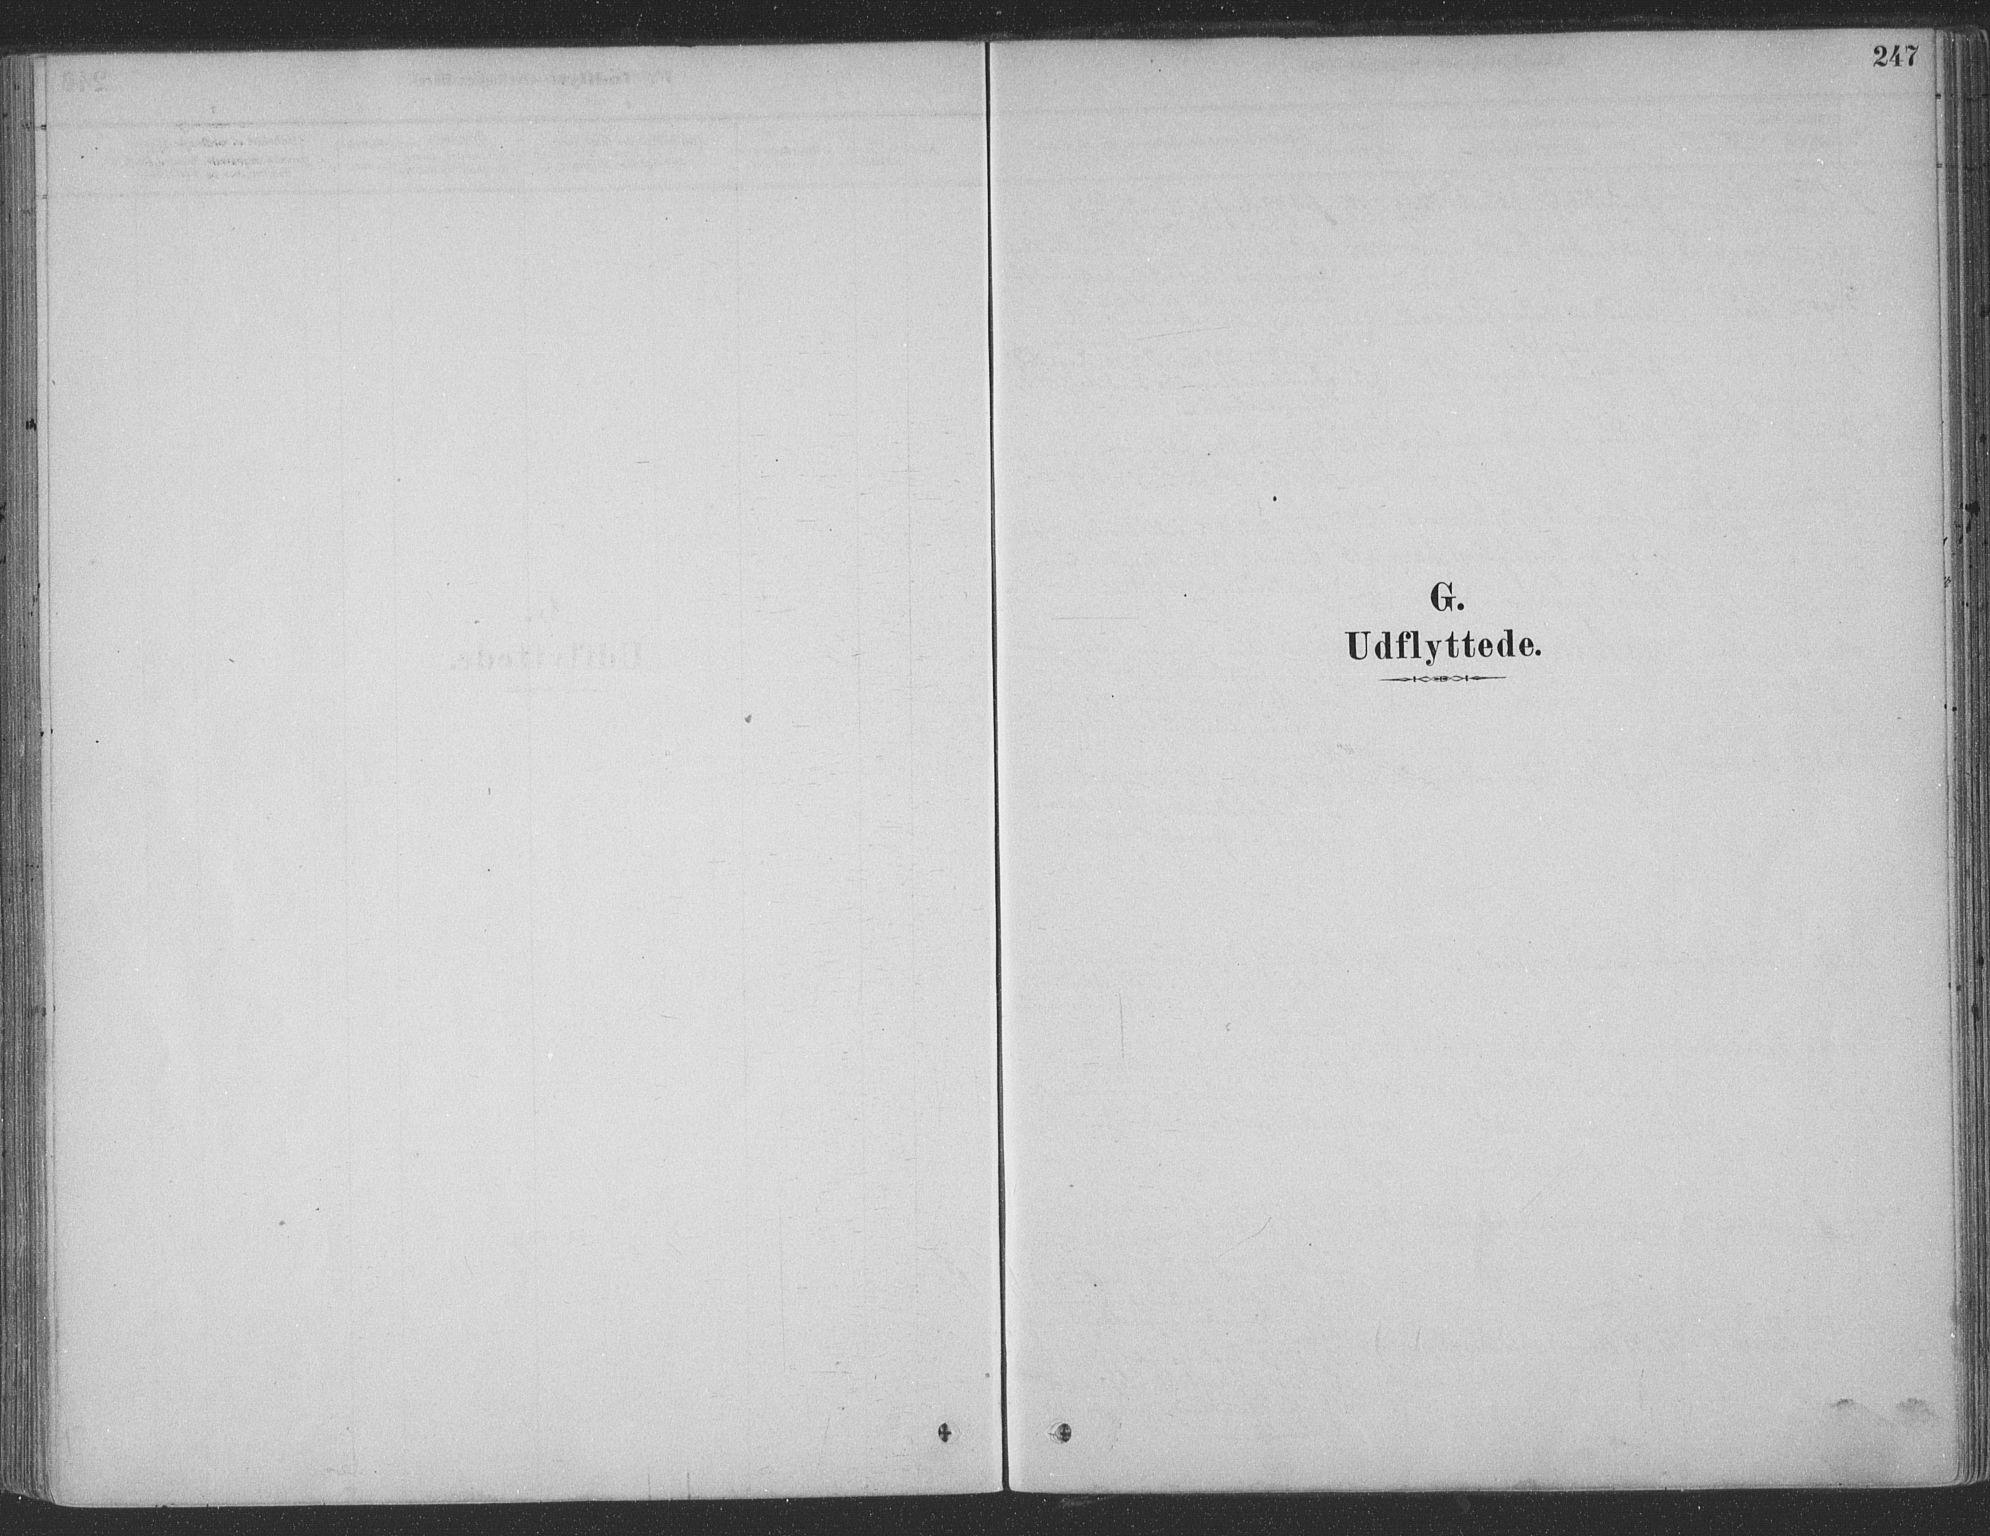 SAT, Ministerialprotokoller, klokkerbøker og fødselsregistre - Møre og Romsdal, 547/L0604: Parish register (official) no. 547A06, 1878-1906, p. 247